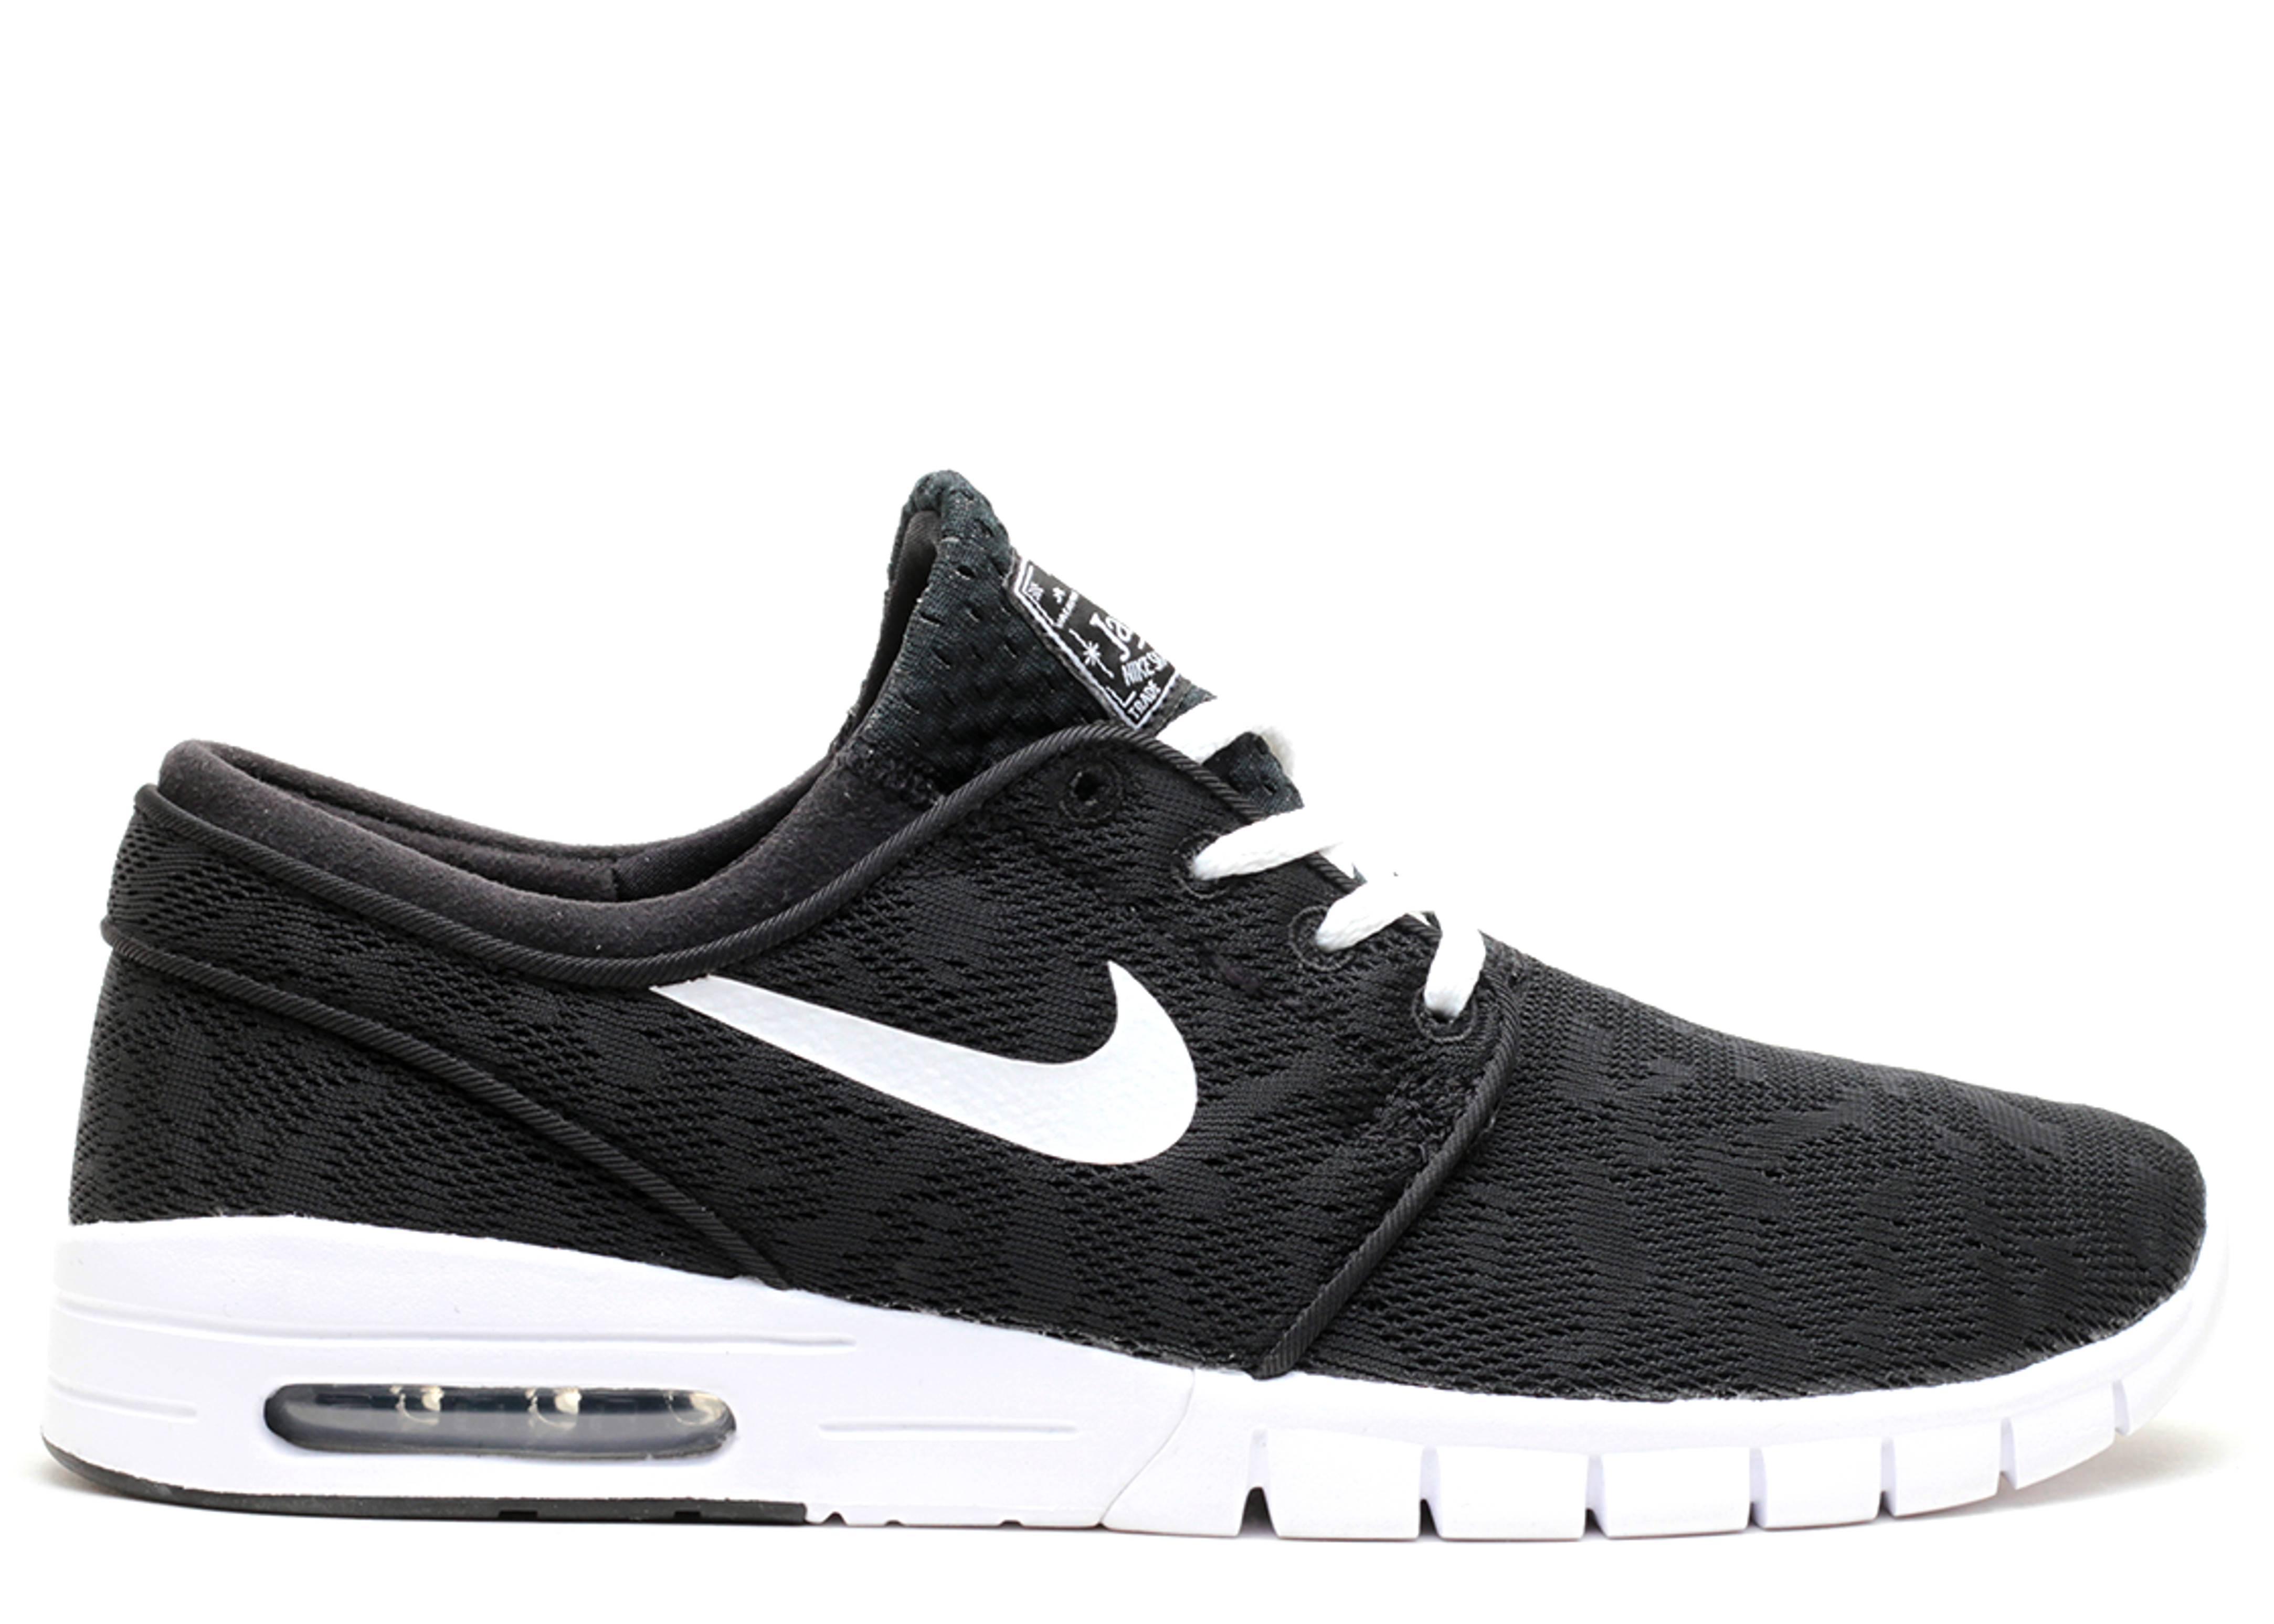 faux jeu Nike Stefan Janoski Max Blanc Et Noir 2014 unisexe vraiment pas cher Xepbx